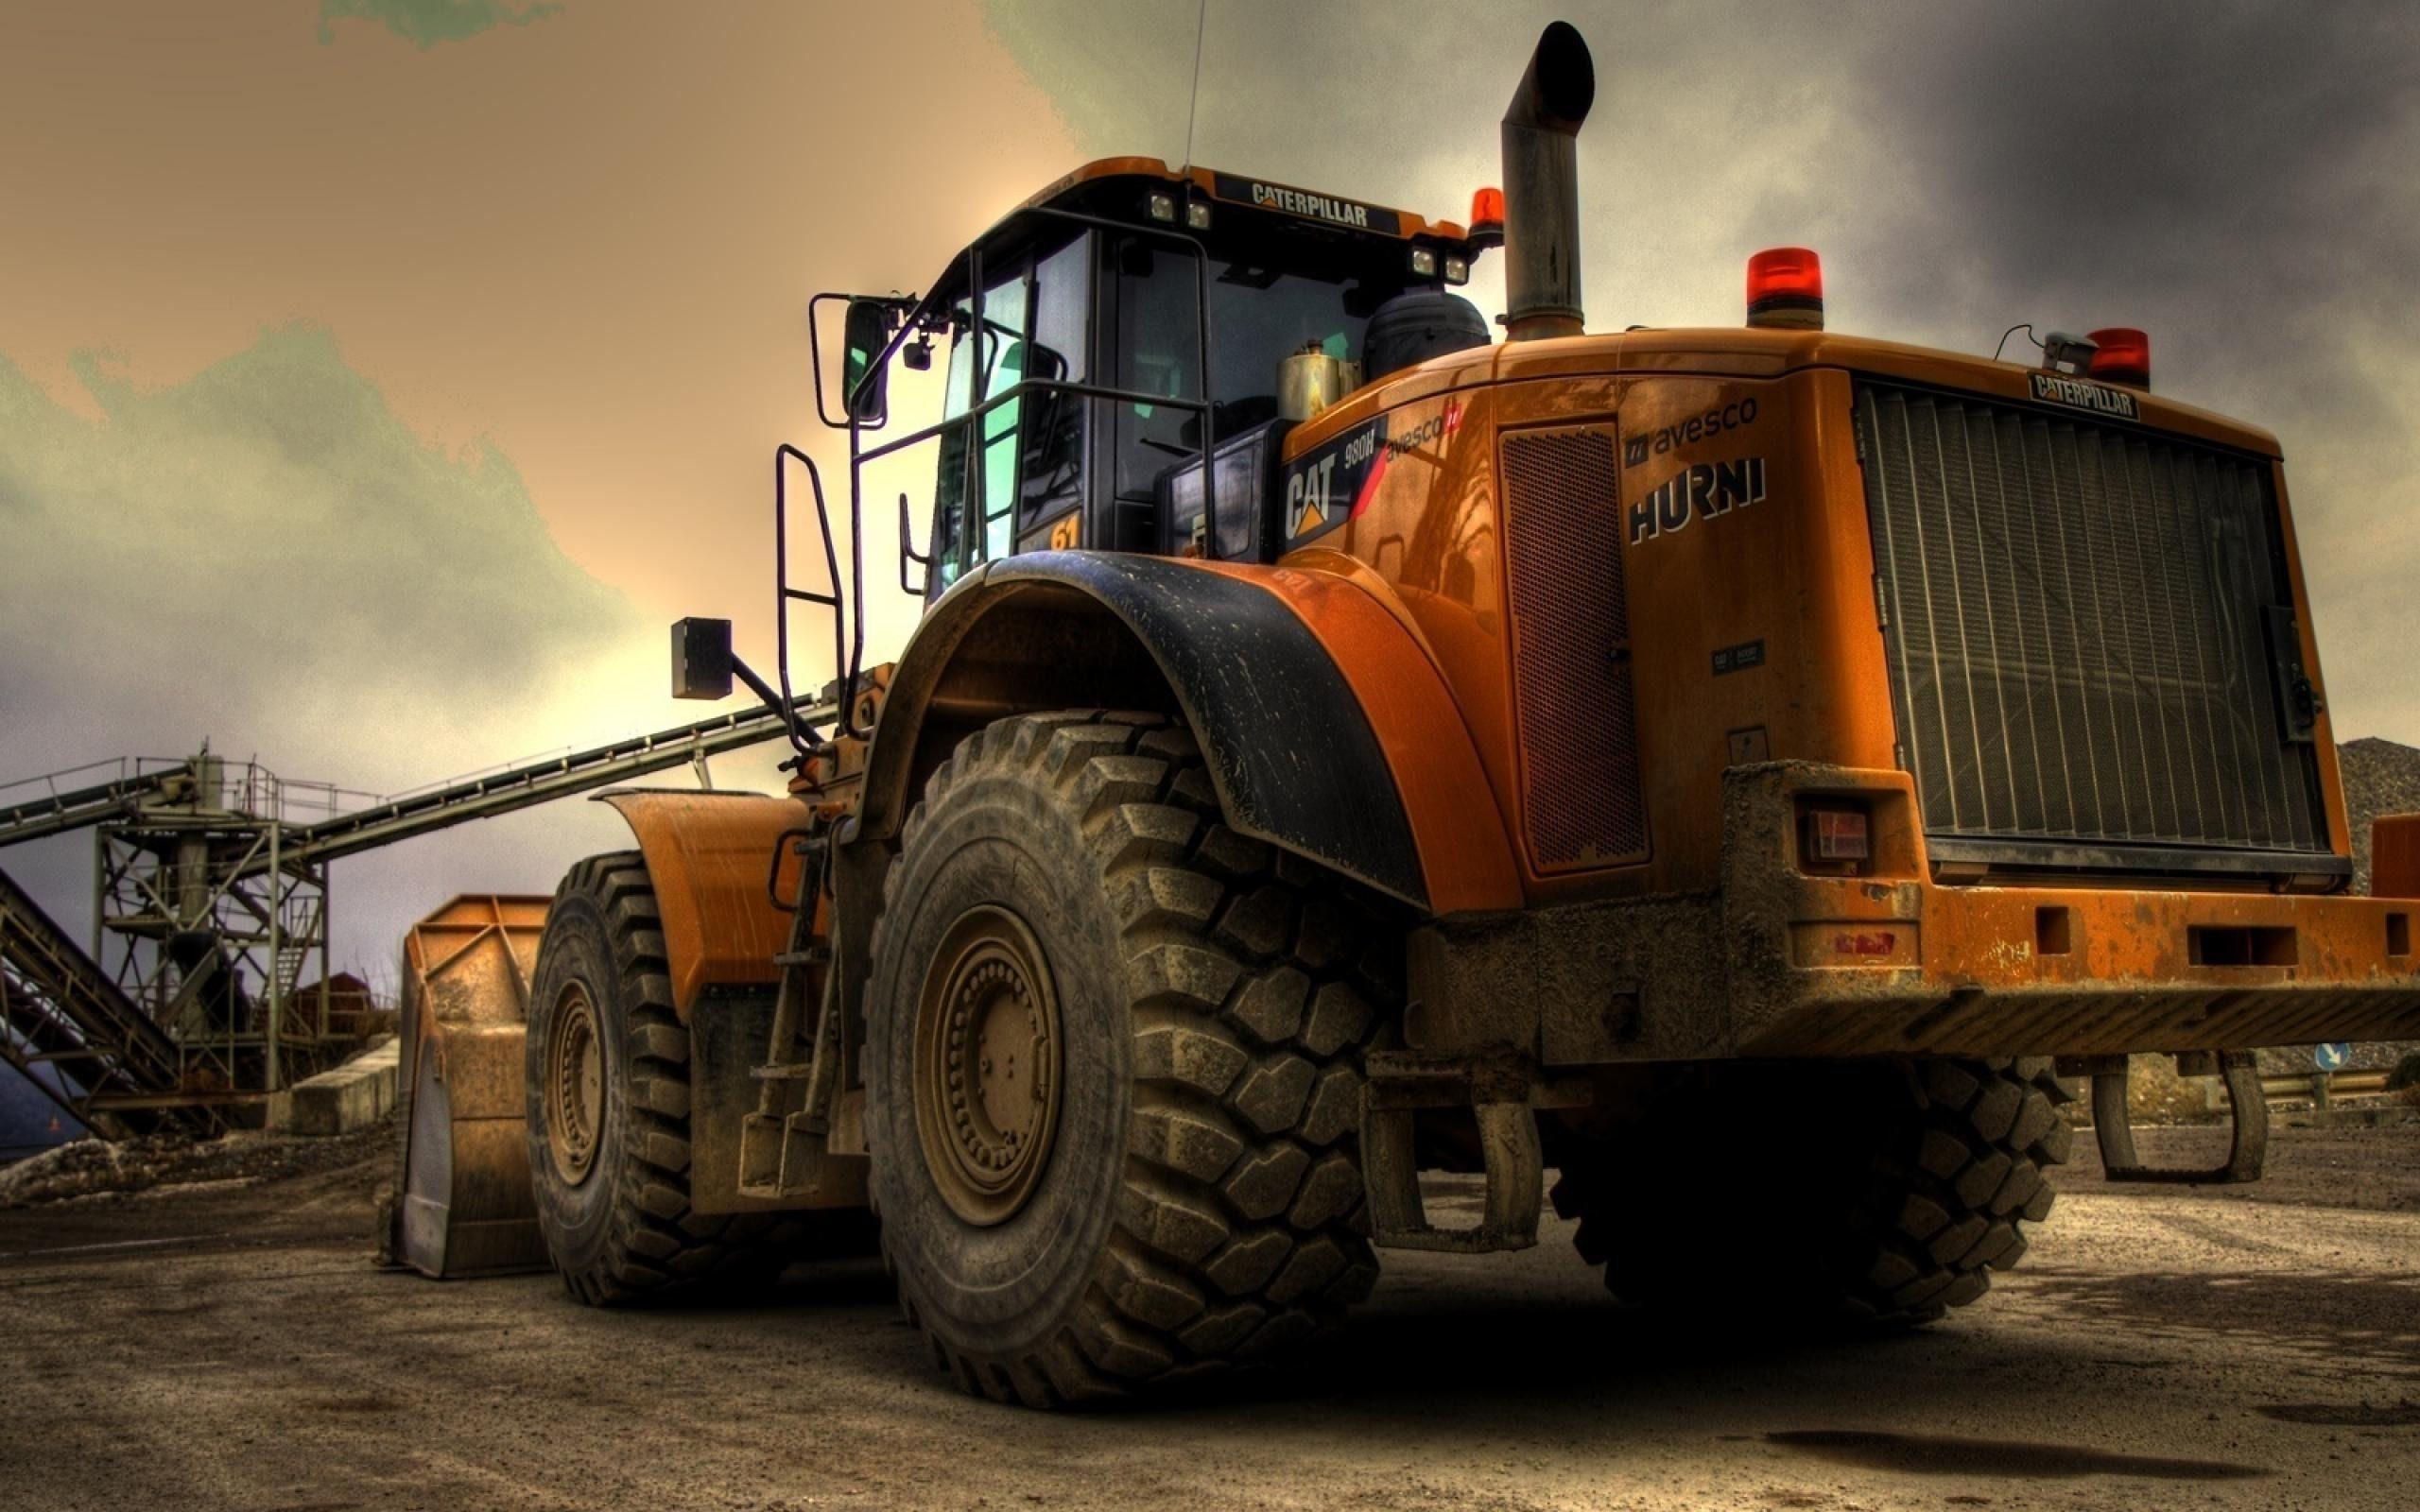 2560x1600 1 caterpillar 980h wheel loader wallpapers caterpillar 980h